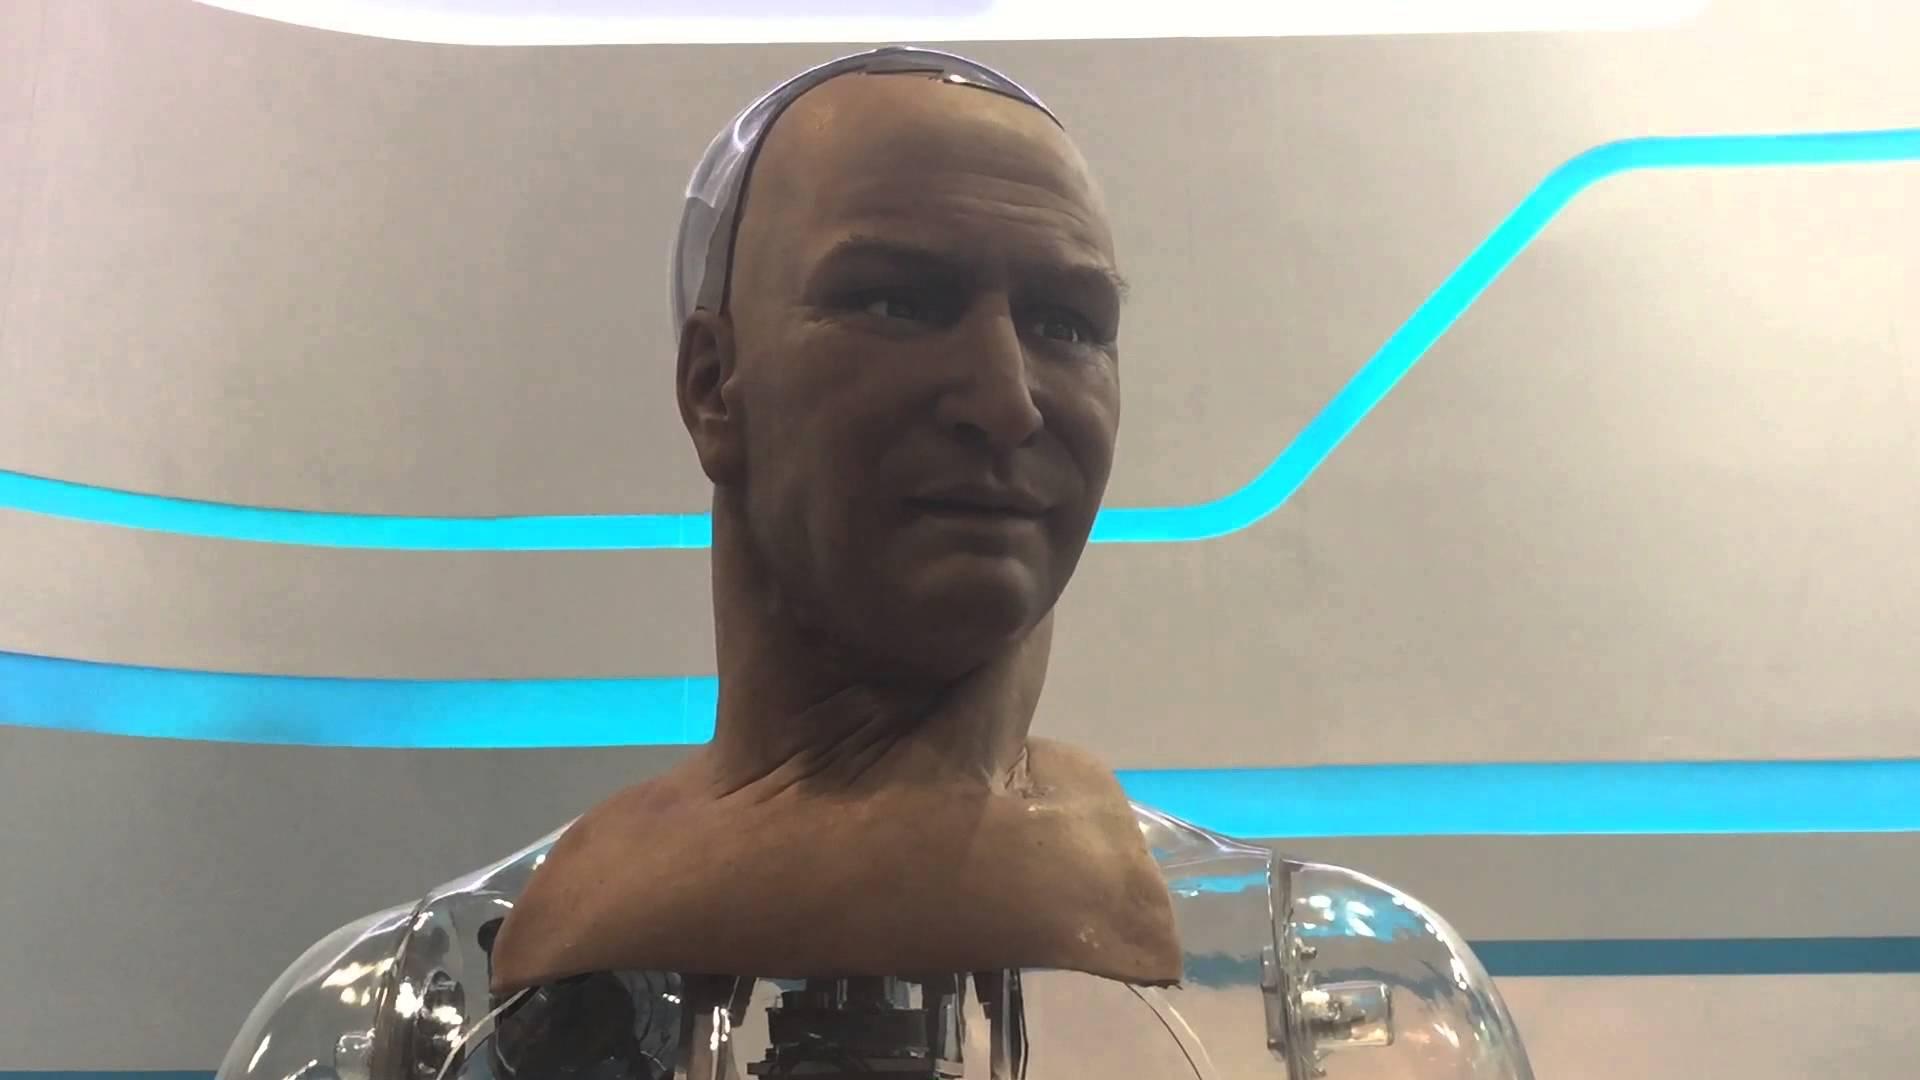 إنسان آلي يتكلم مع الزوار